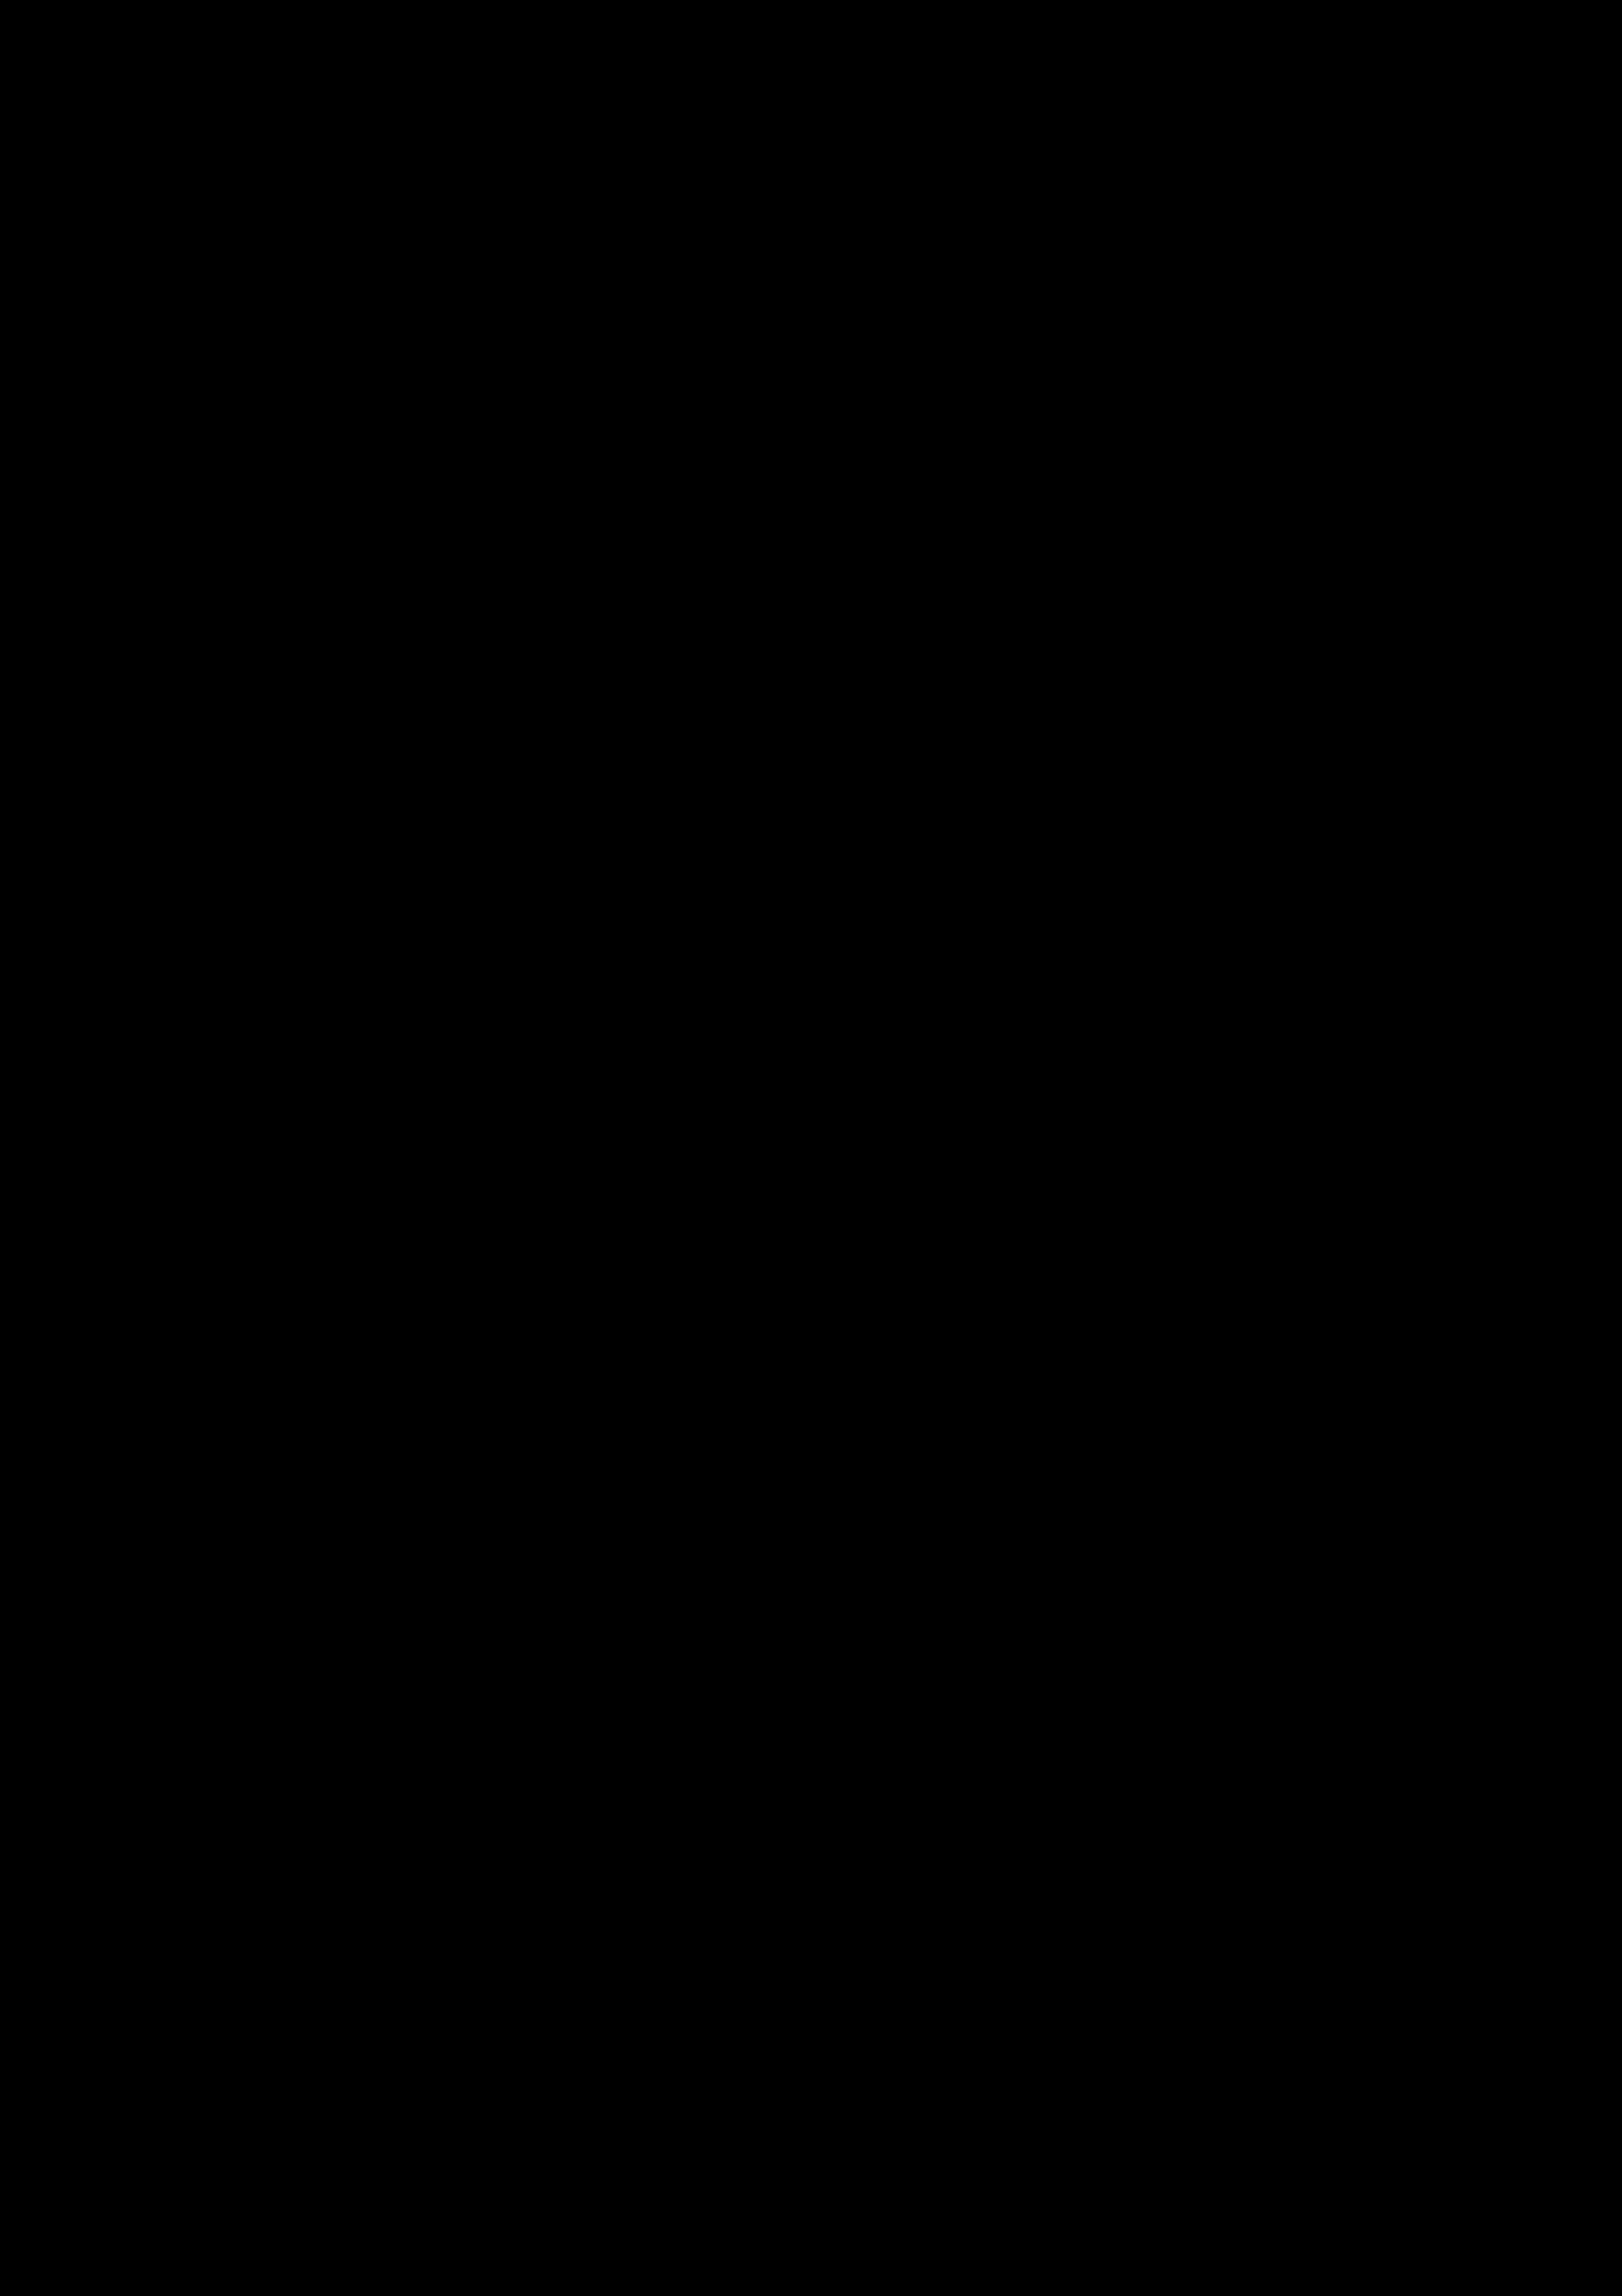 Idea - Redovna akcija dani Frikom sladoleda